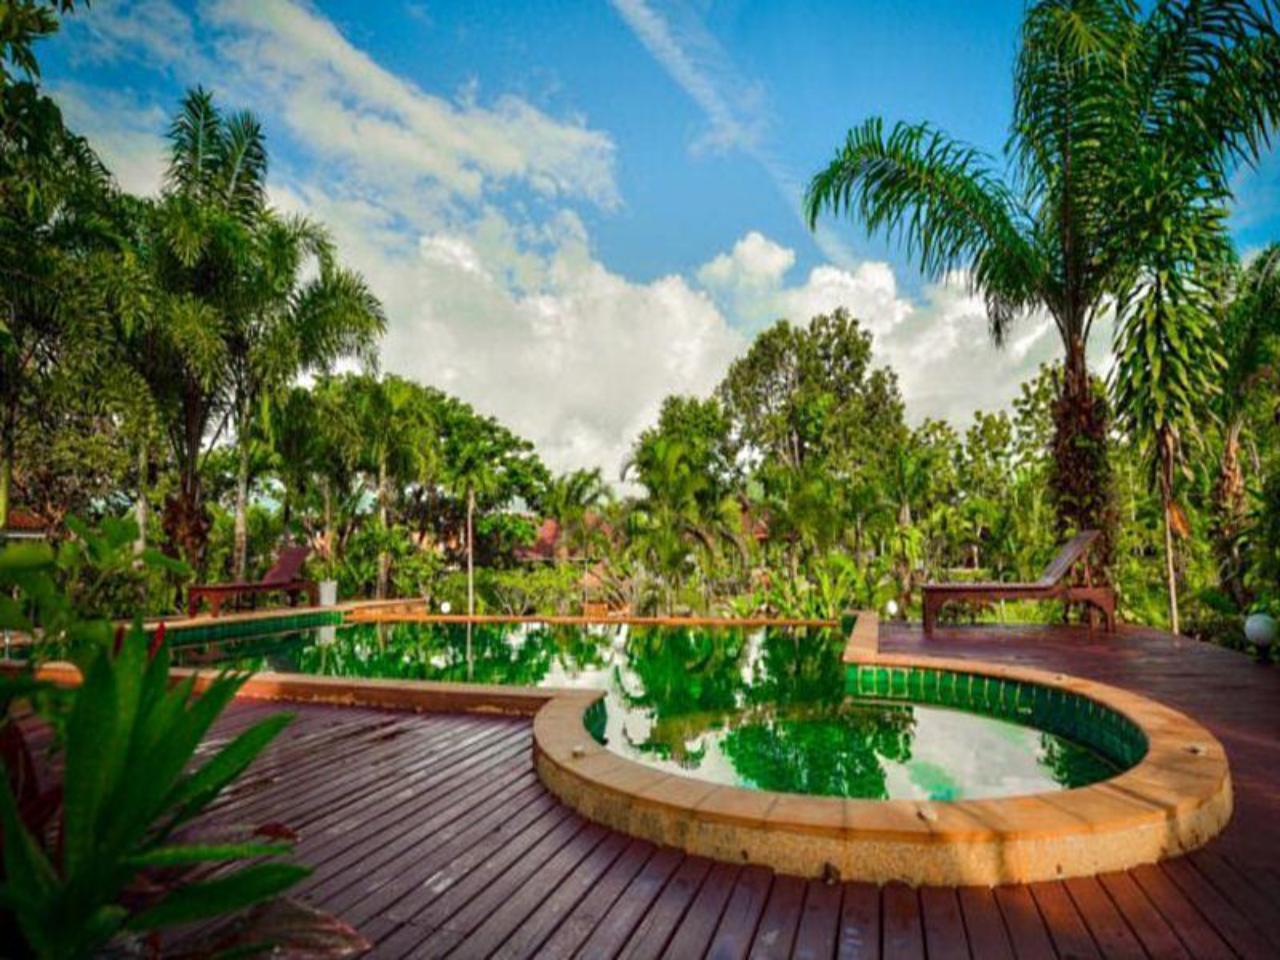 รังสิมันต์ รีสอร์ท (Rangsiman Resort)